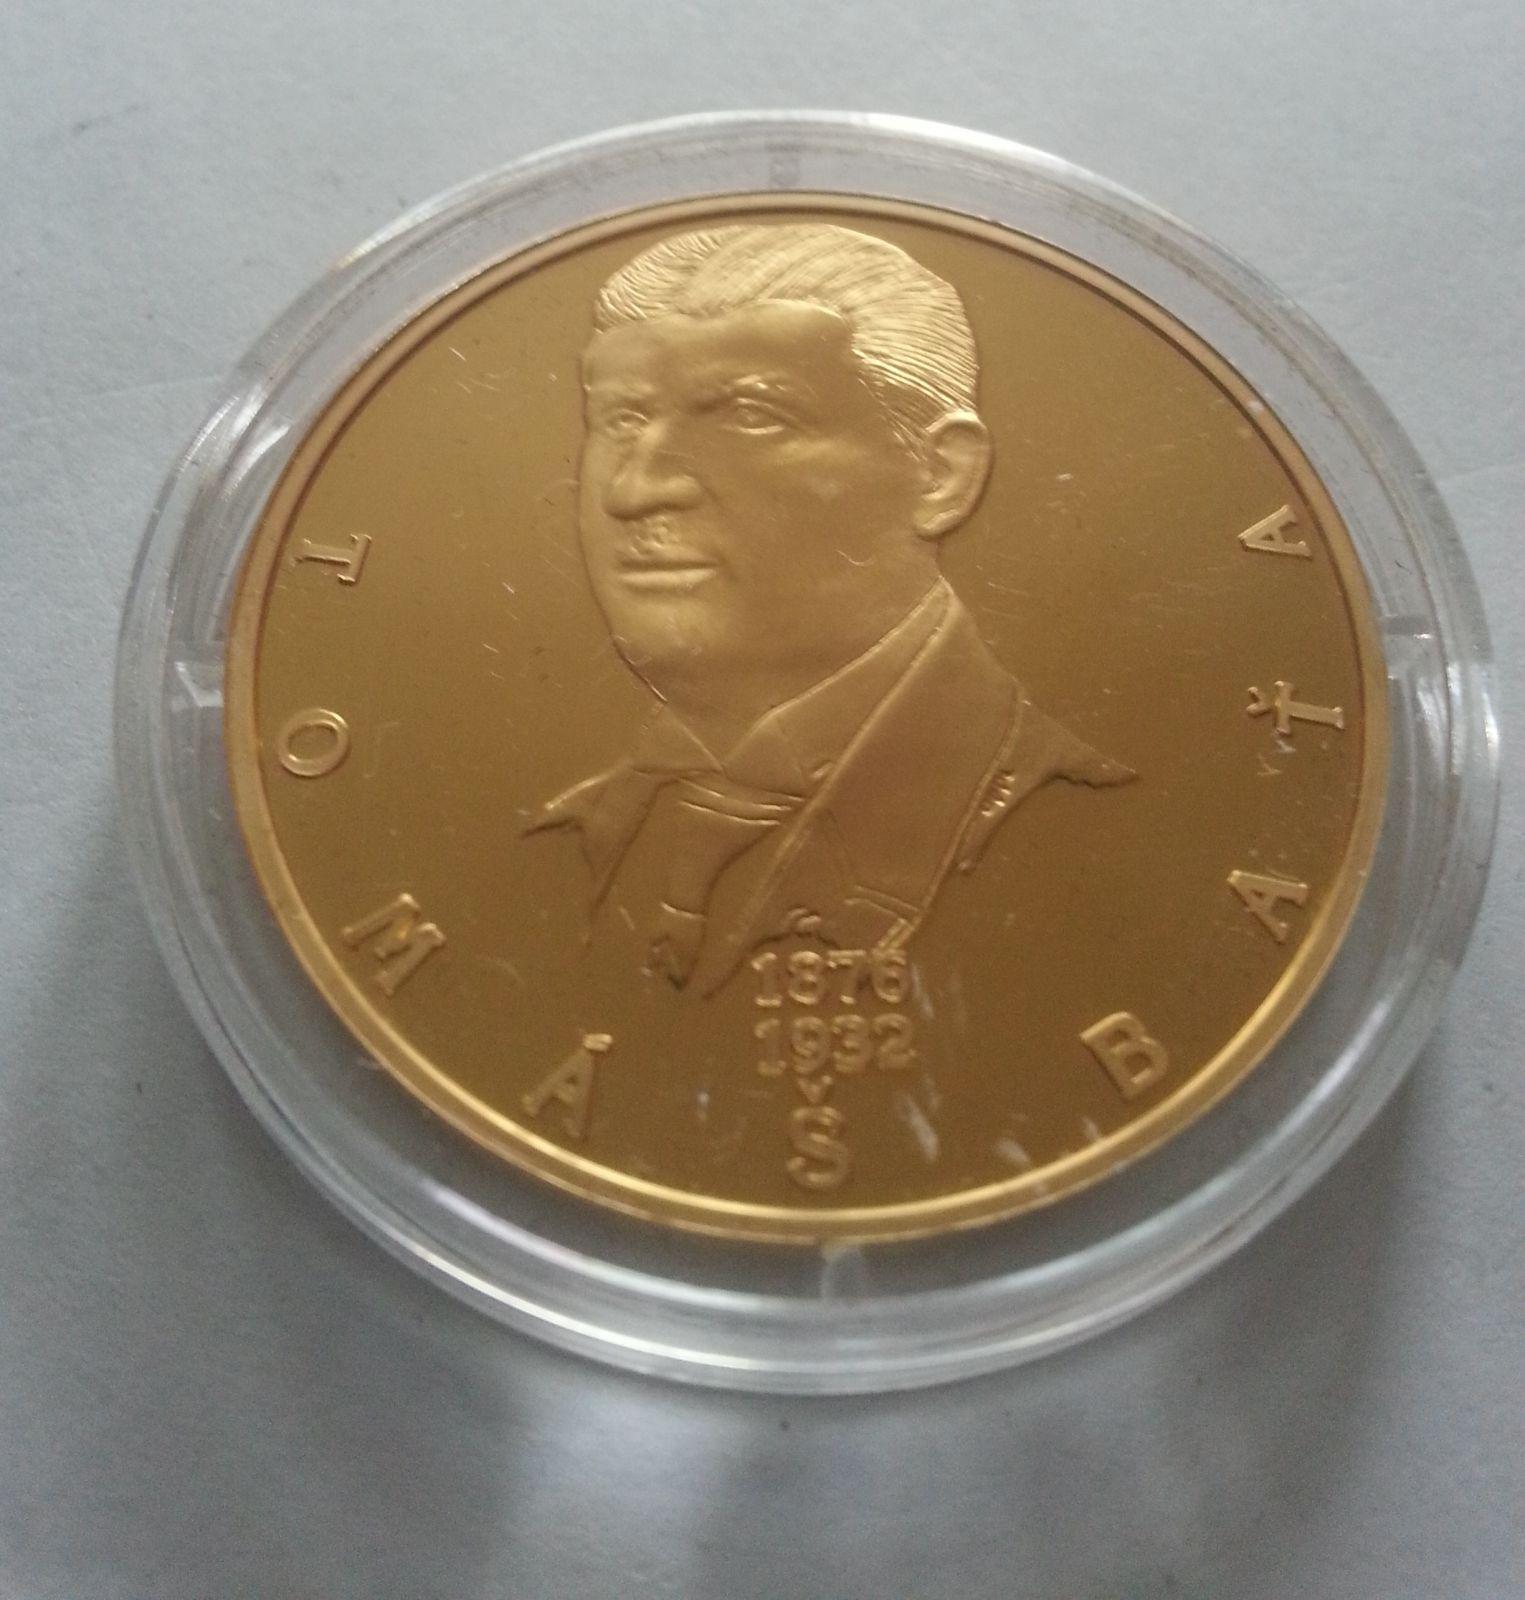 Tomáš Baťa, zlacená medaile, (průměr 40mm), největší osobnosti, ČR